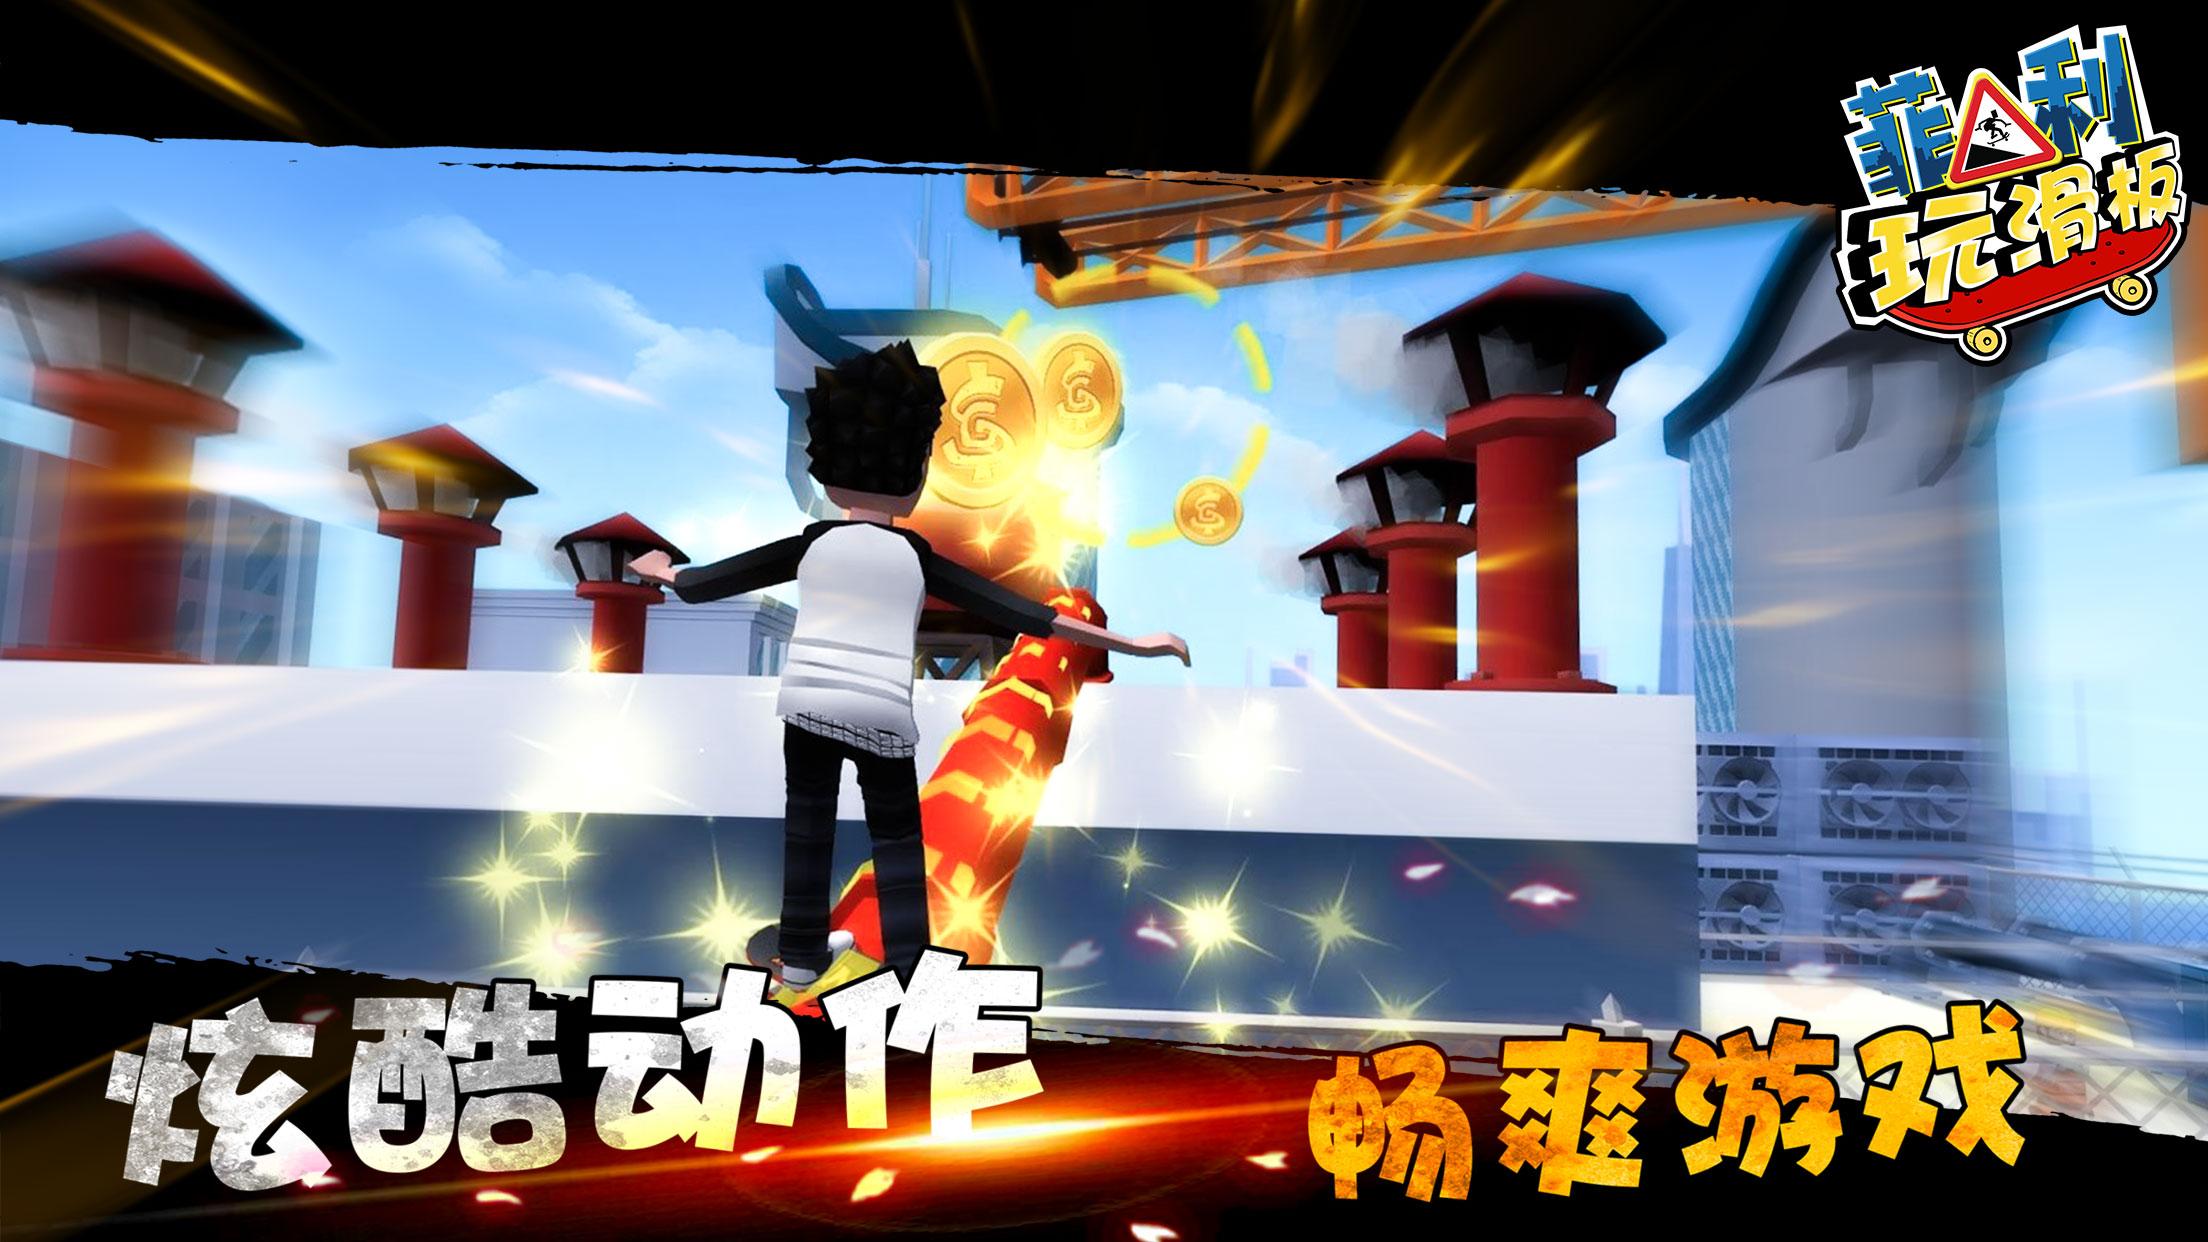 菲利玩滑板v6.2 中文版